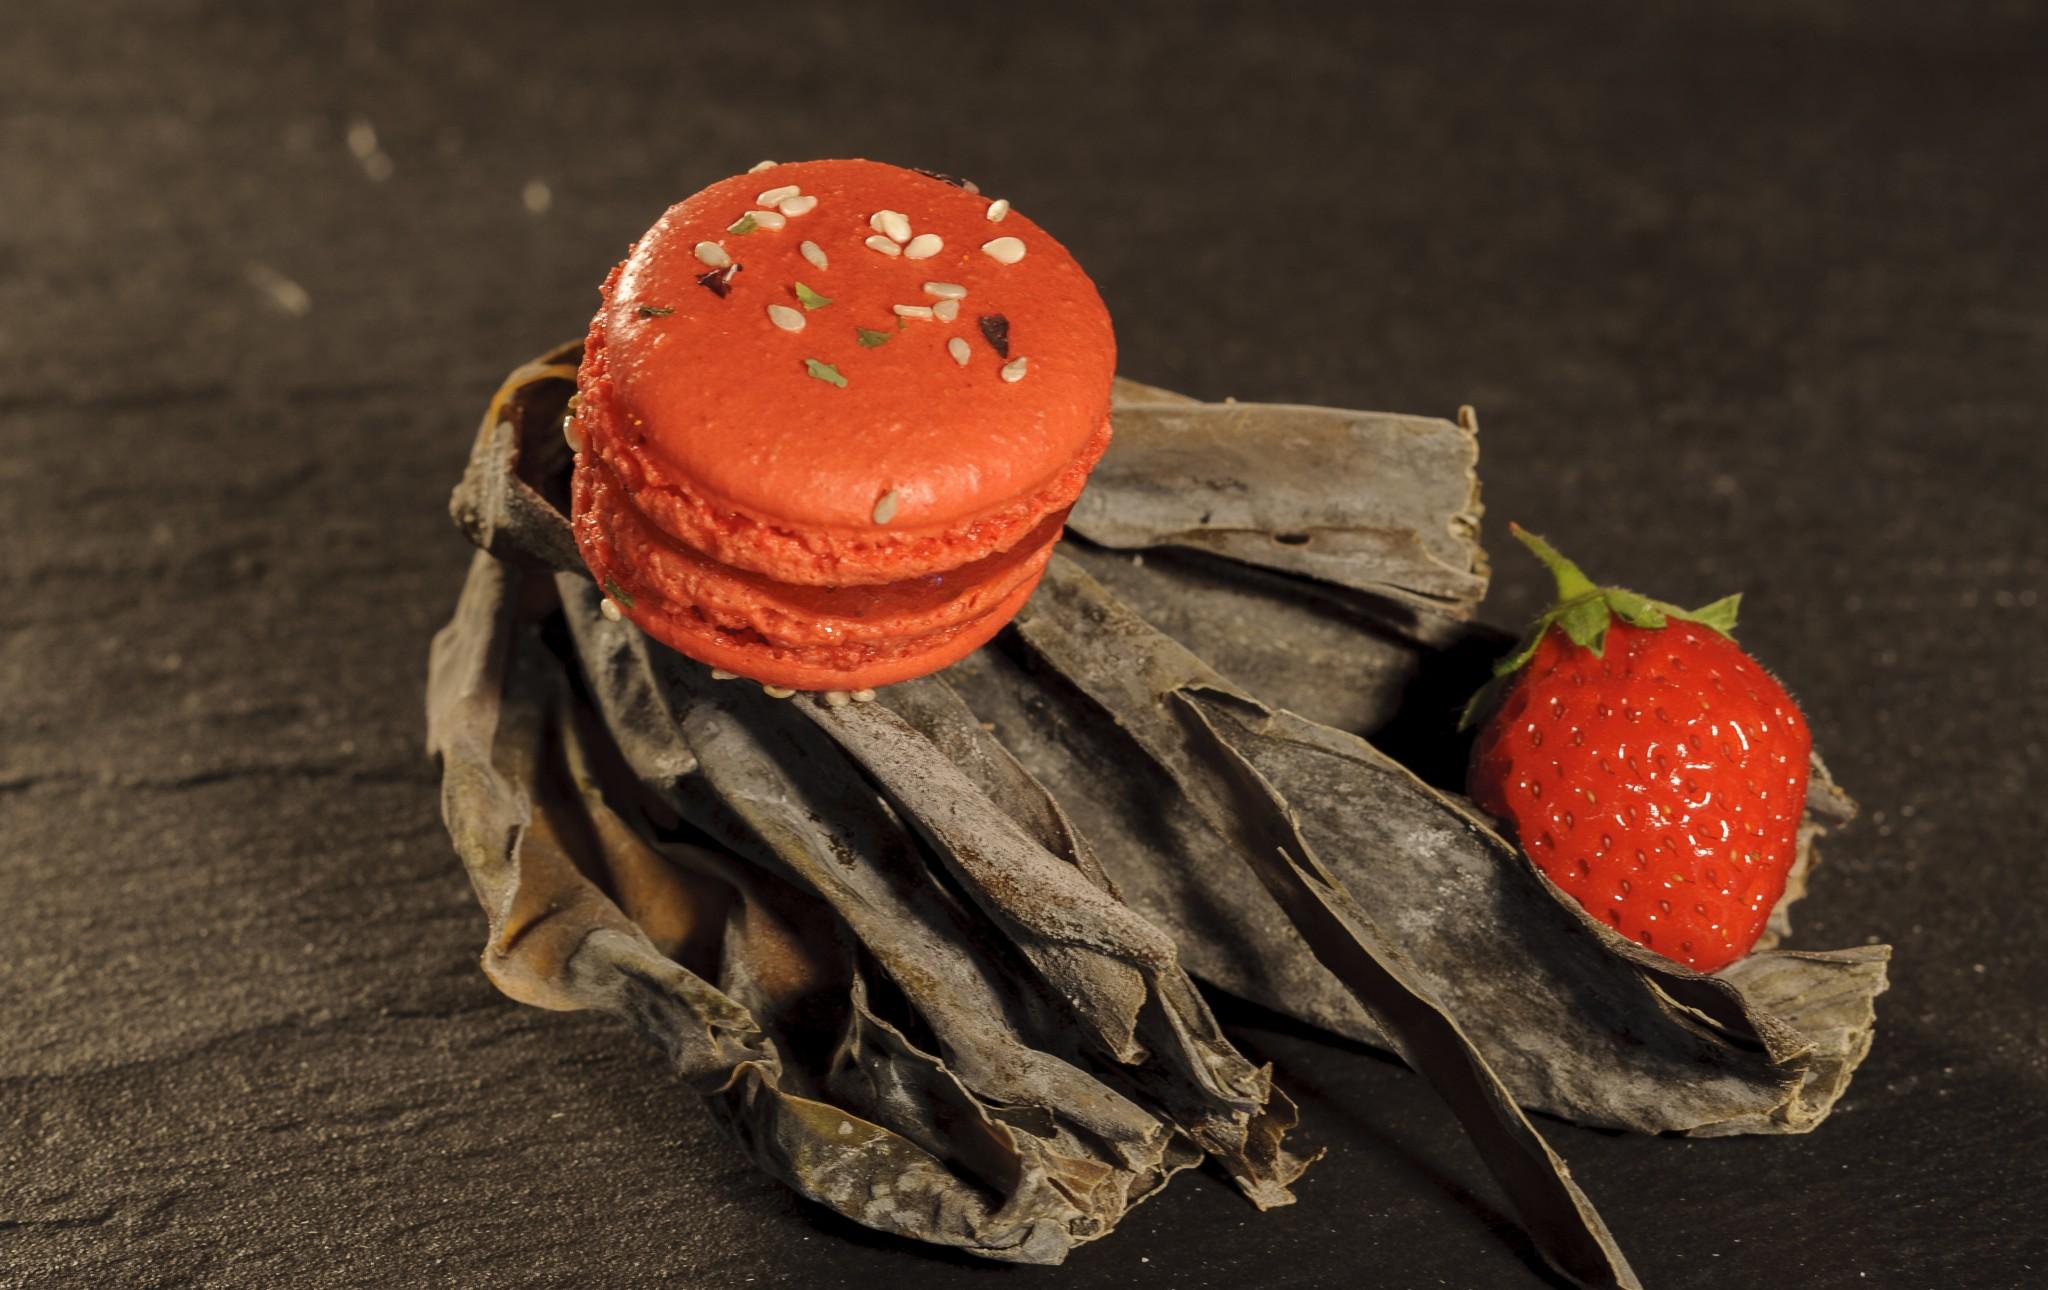 prise de vue culinaire, macaron Alain Chartier à la fraise sur une algue